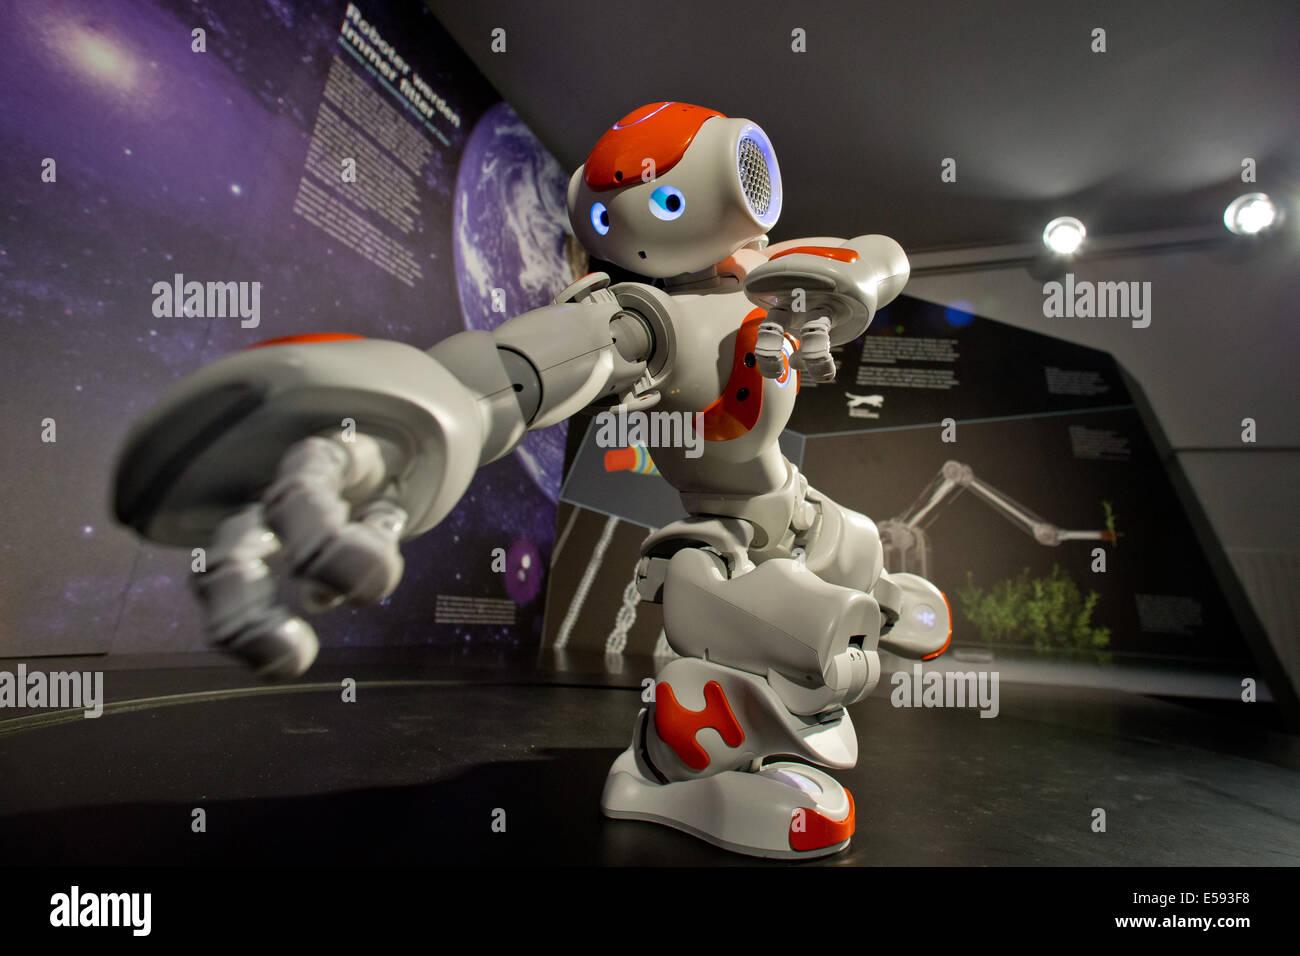 Nuremberg, Germany. 23rd July, 2014. The humanoid robot Nao dances in the new 'Bionicum' in the Tiergarten - Stock Image